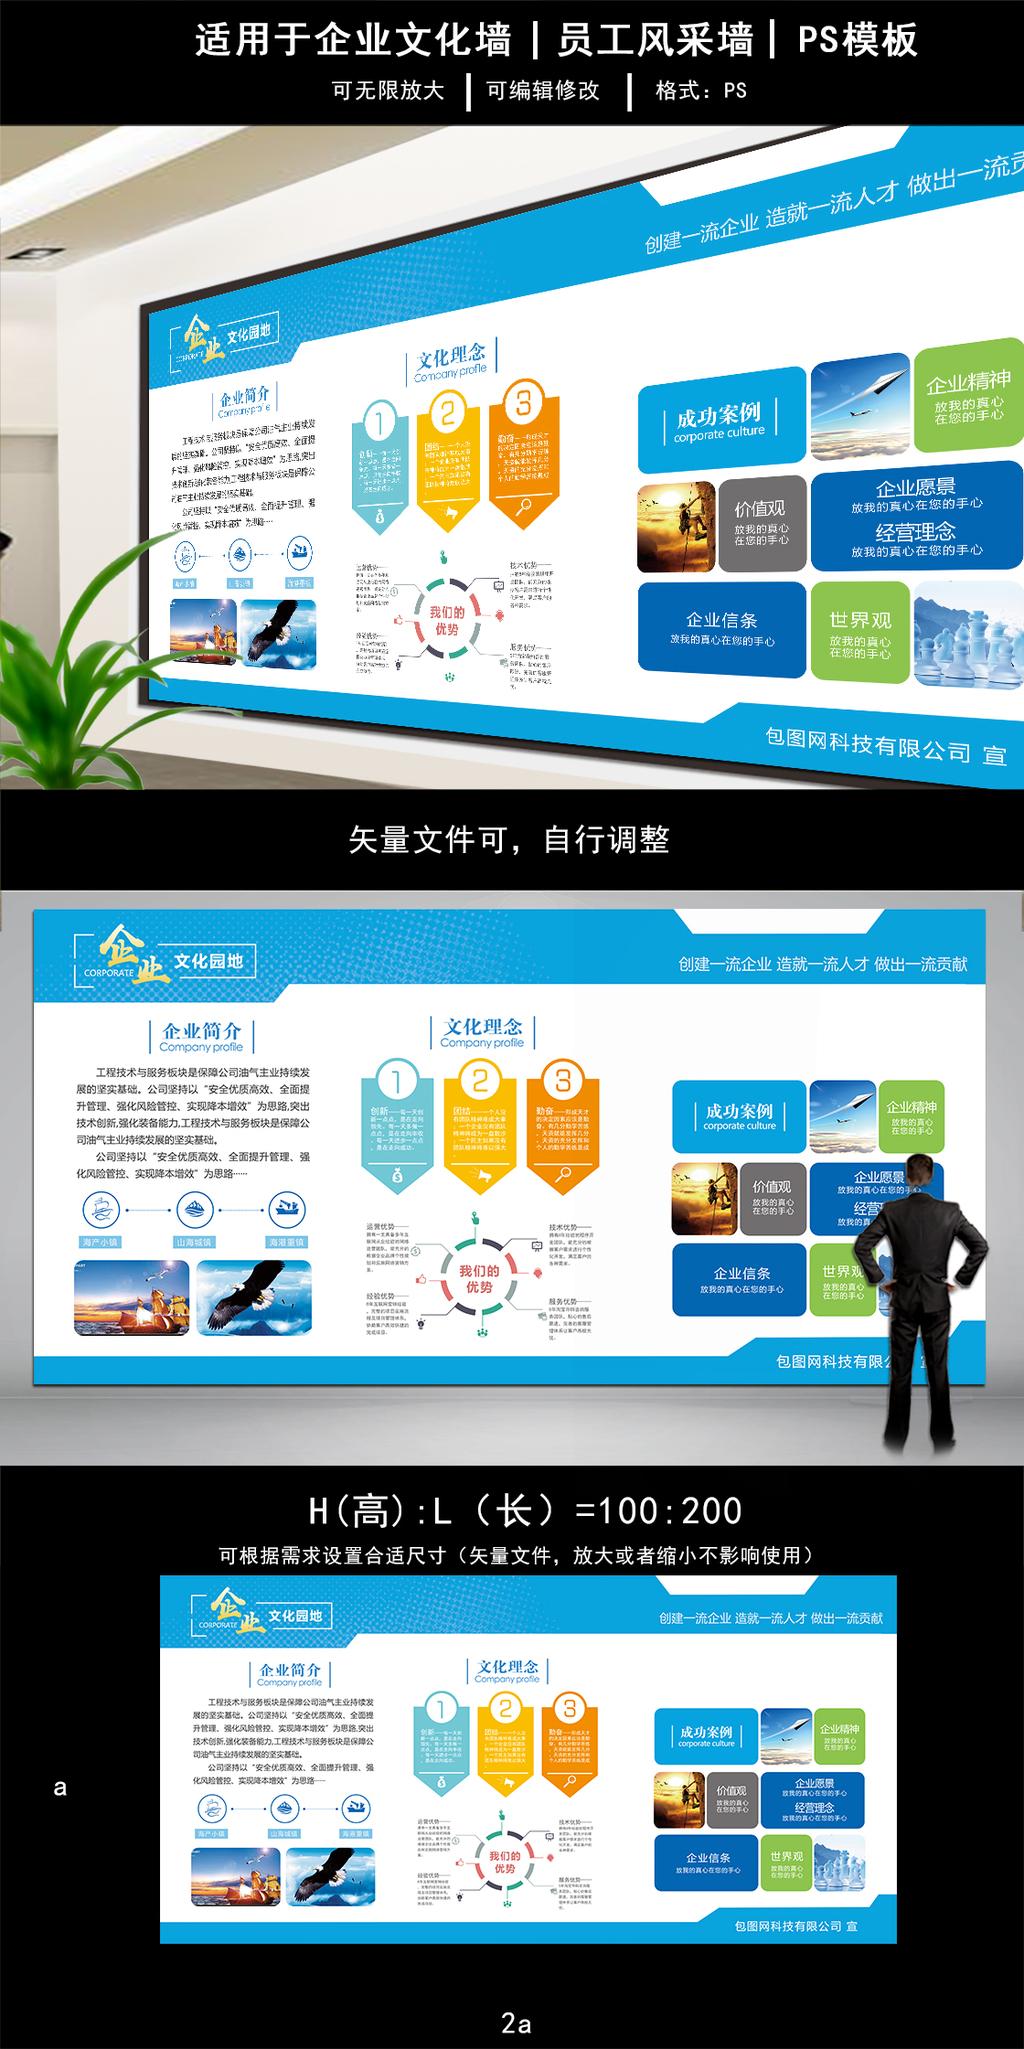 墙公司简介荣誉形象墙展板图片设计素材 高清PSD模板下载 29.18图片